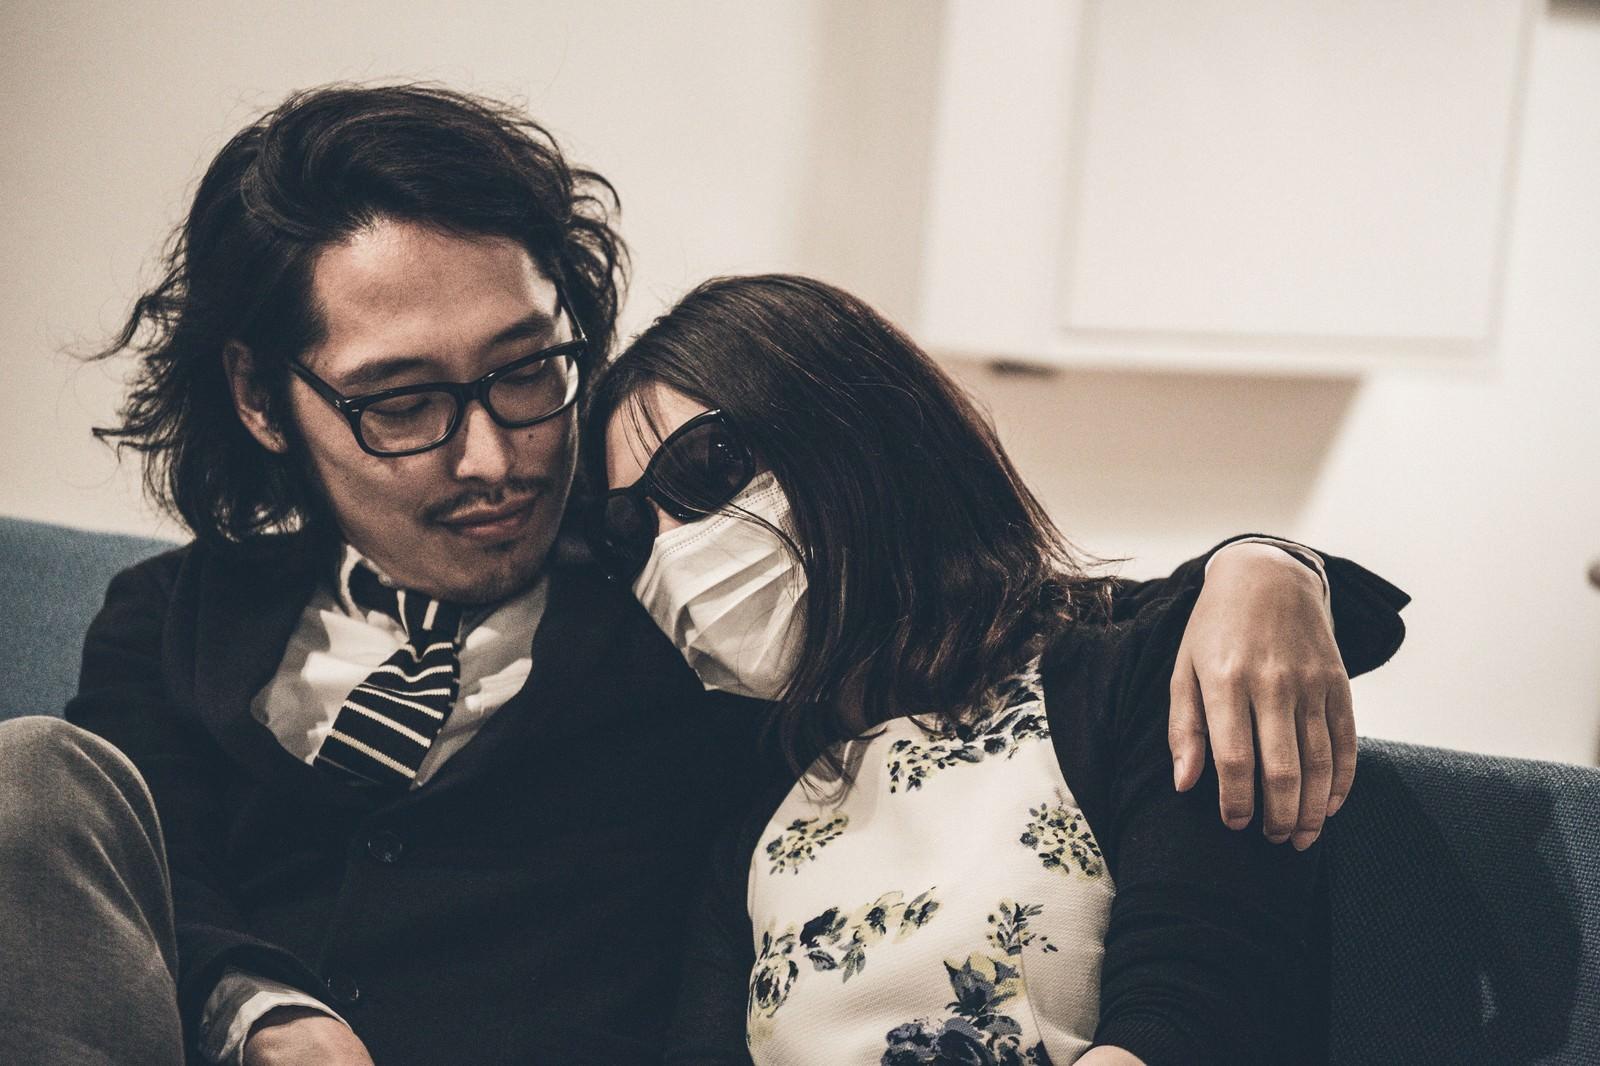 「顔出しNGの嫁顔出しNGの嫁」[モデル:ゆうせい]のフリー写真素材を拡大